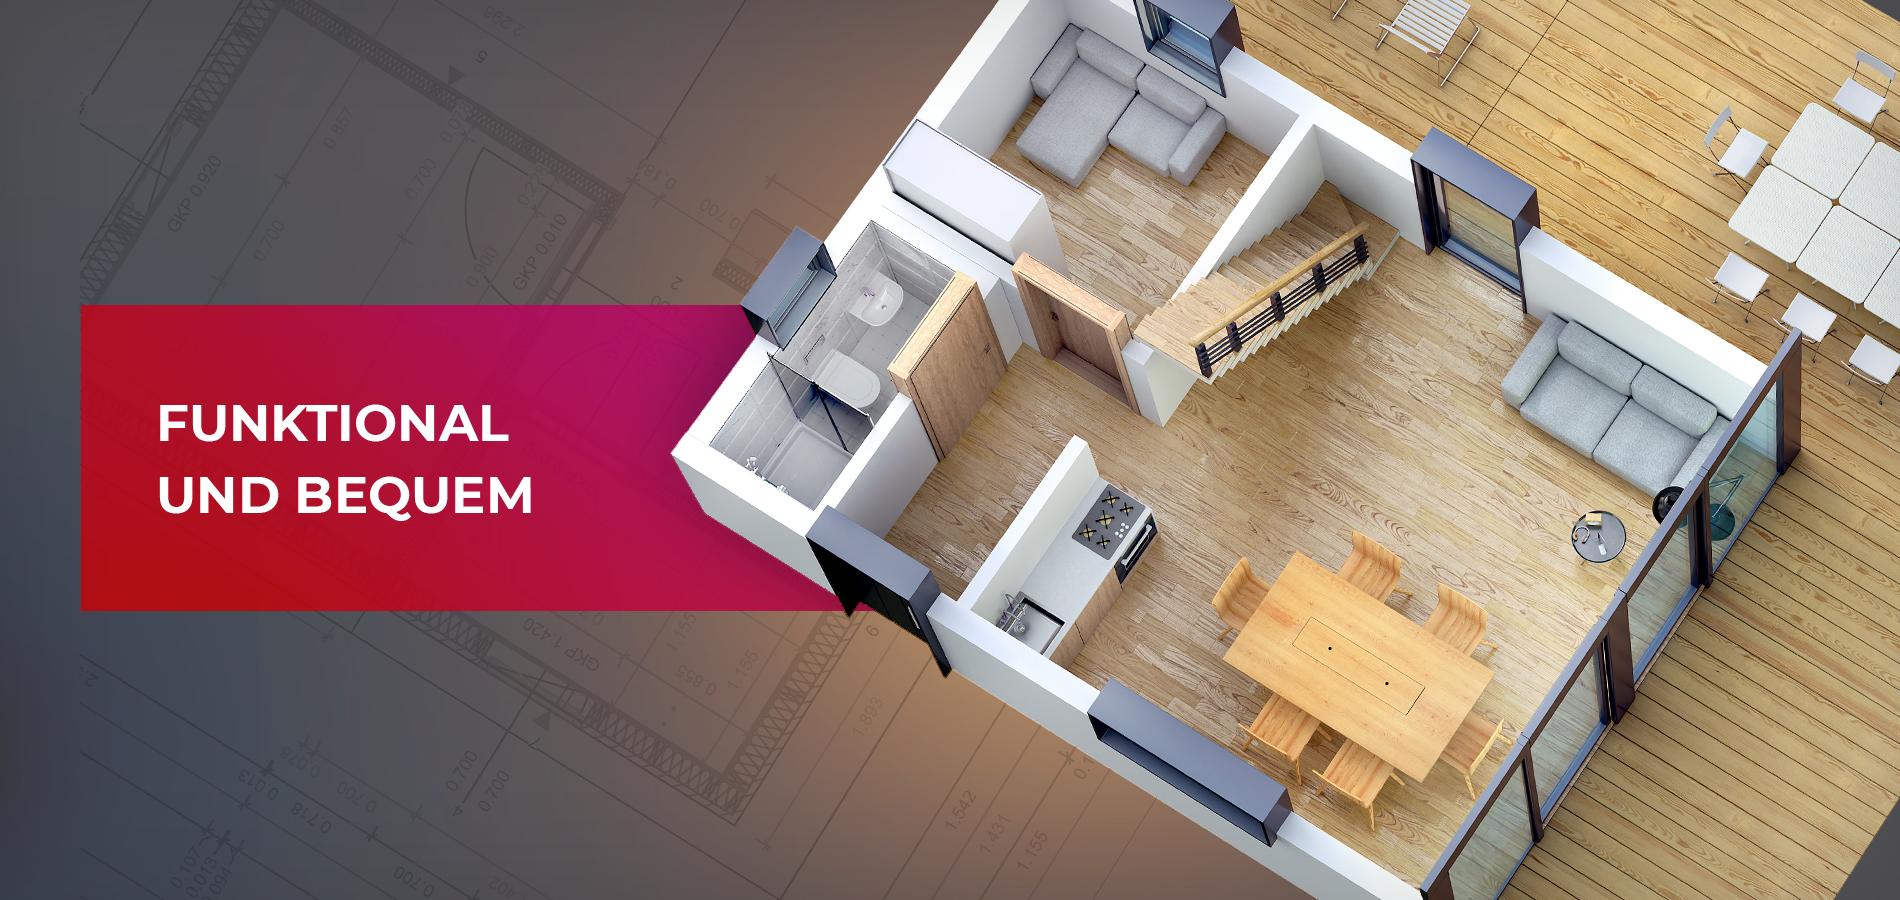 Holzhäuser, komfortabel und funktional